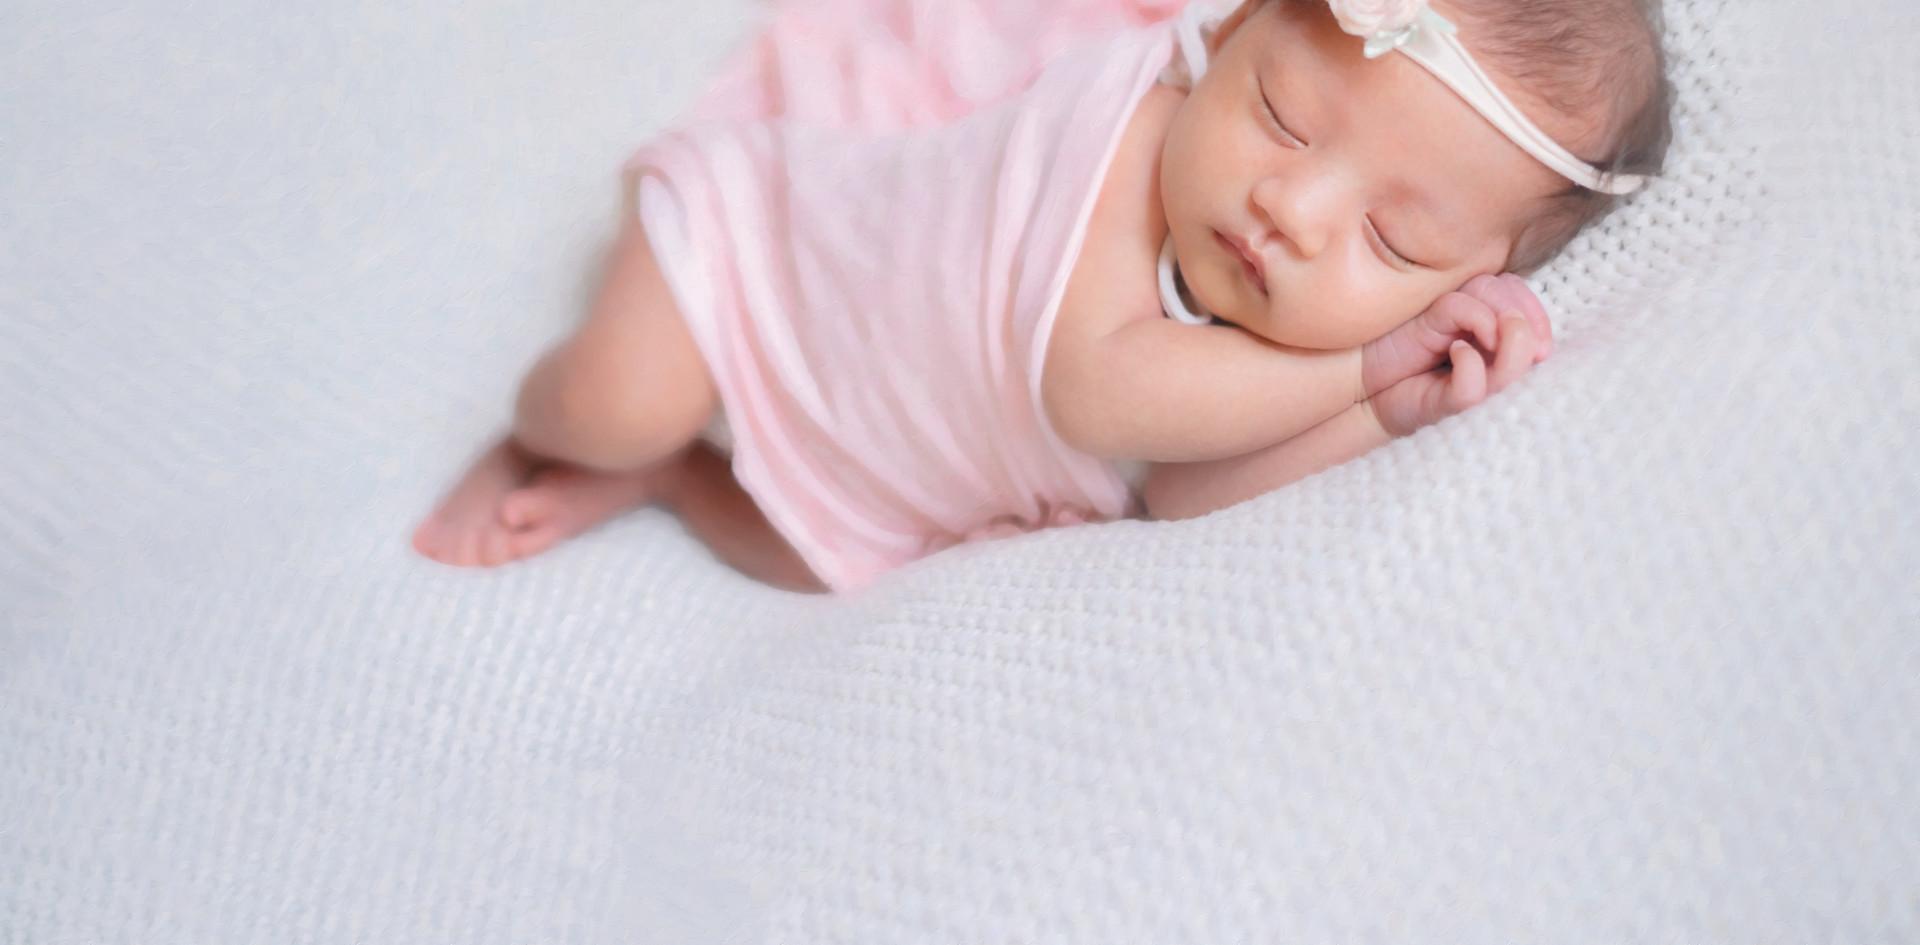 Cara_Newborn_07.jpg